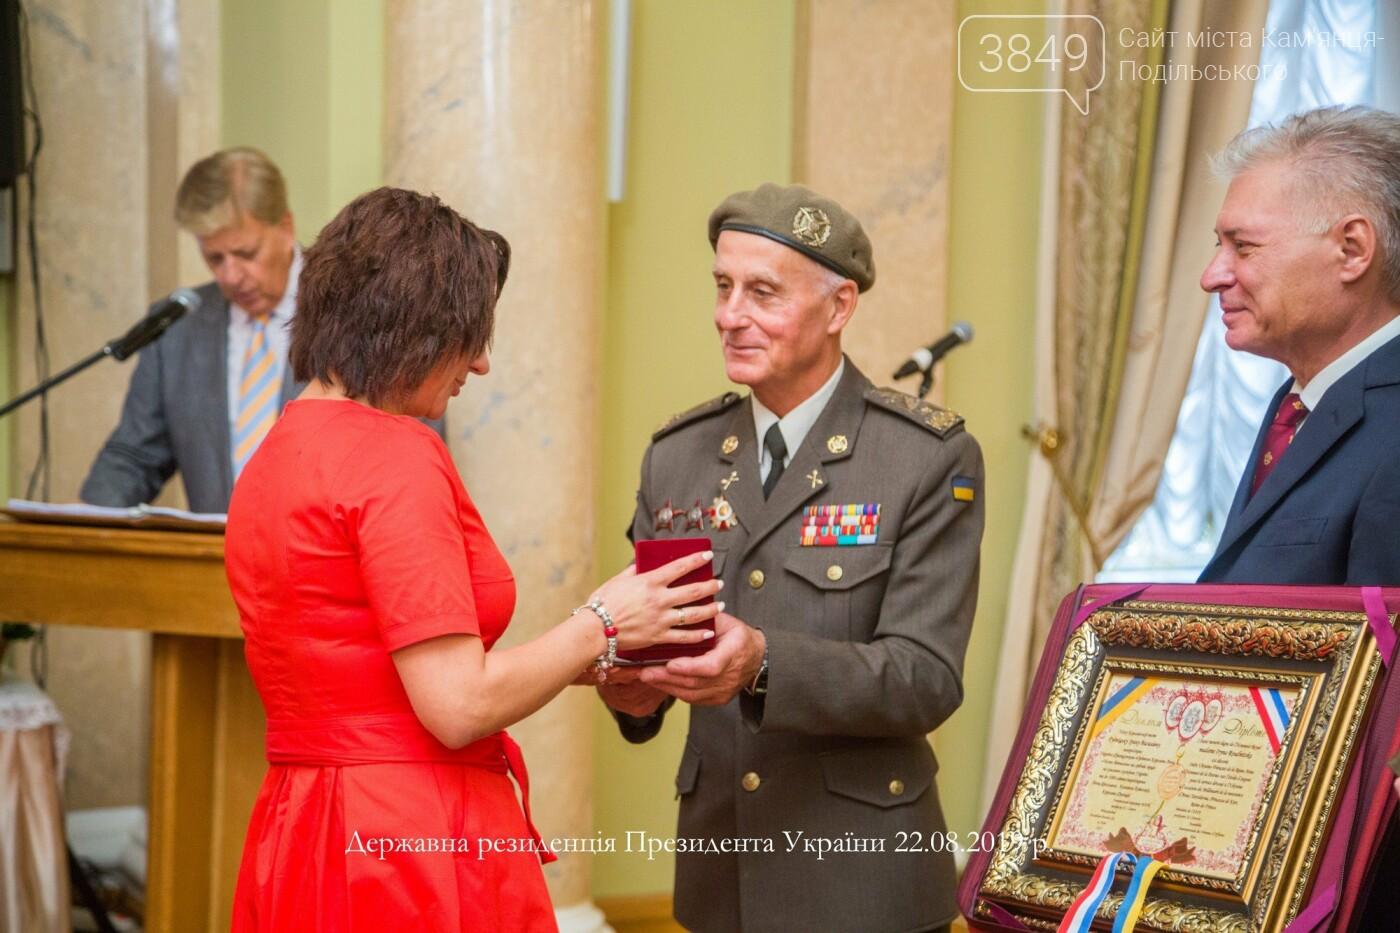 Лікар із Кам'янця-Подільського отримала найвищий міжнародний суспільний орден України, фото-2